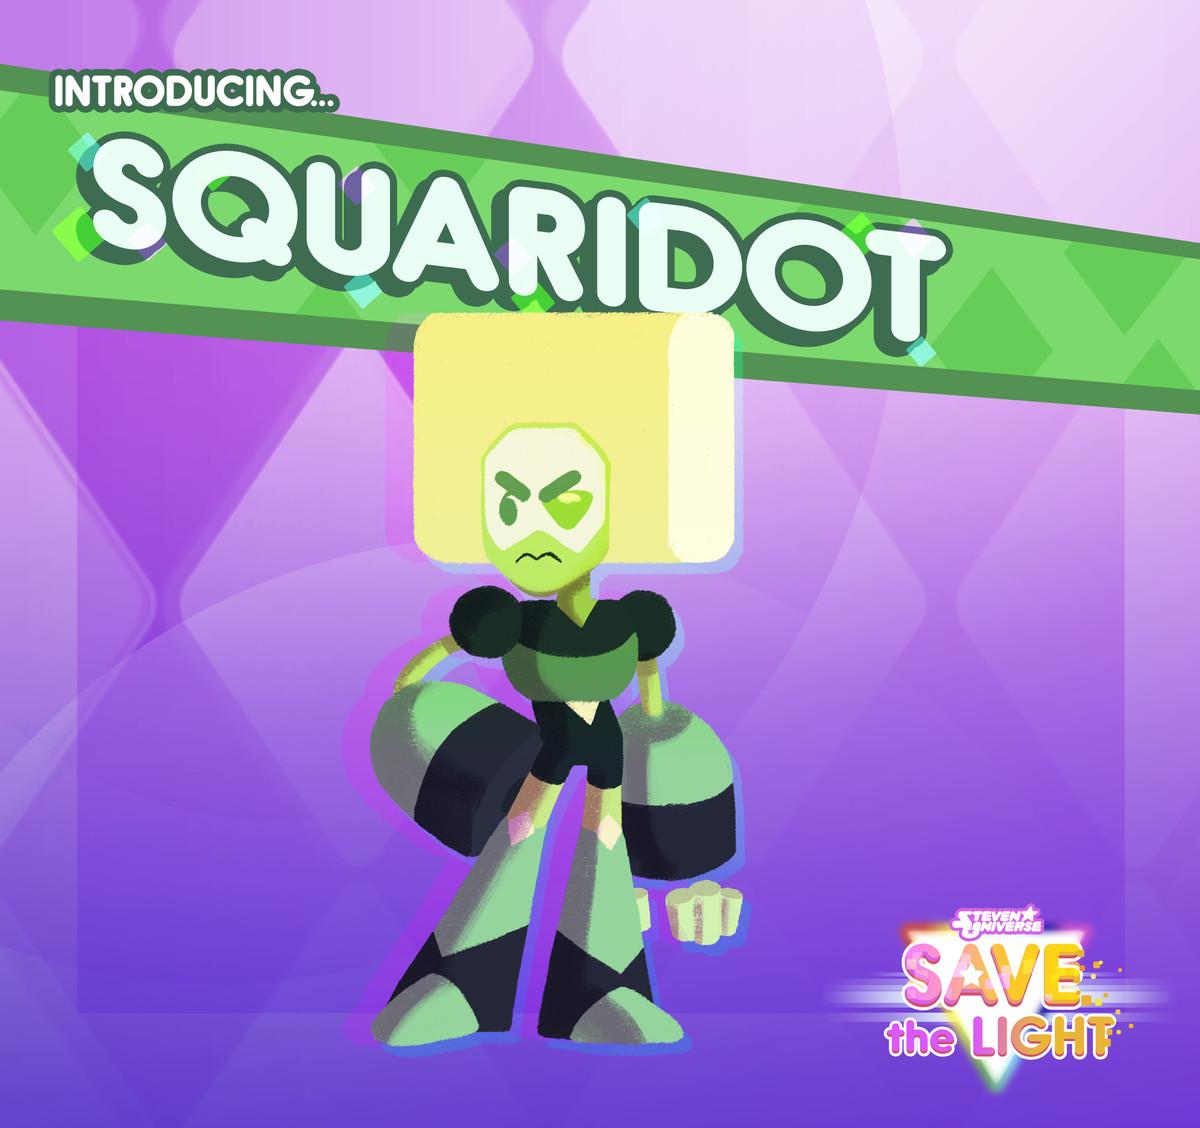 squaridot reveal